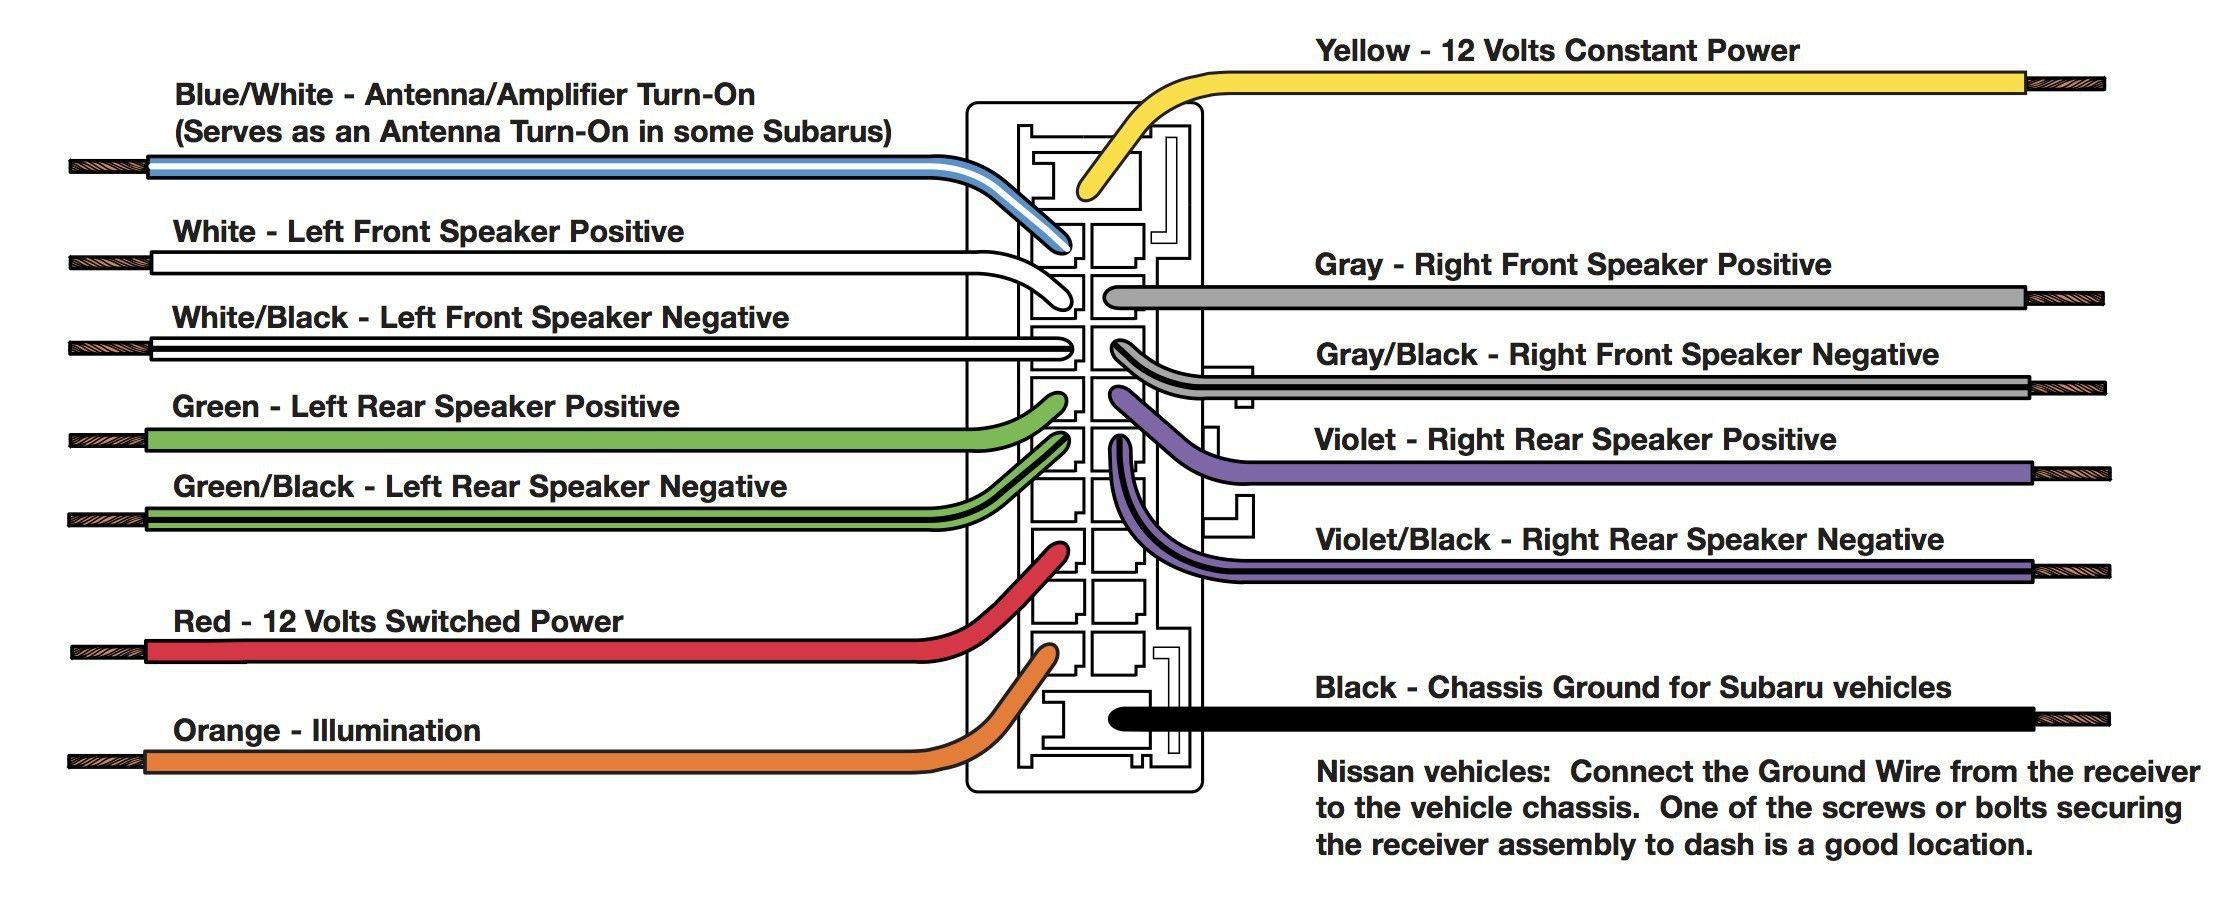 Wiring Diagram For Pioneer Avh X2800Bs - Wiring Diagram Detailed - Pioneer Avh-X2800Bs Wiring Harness Diagram